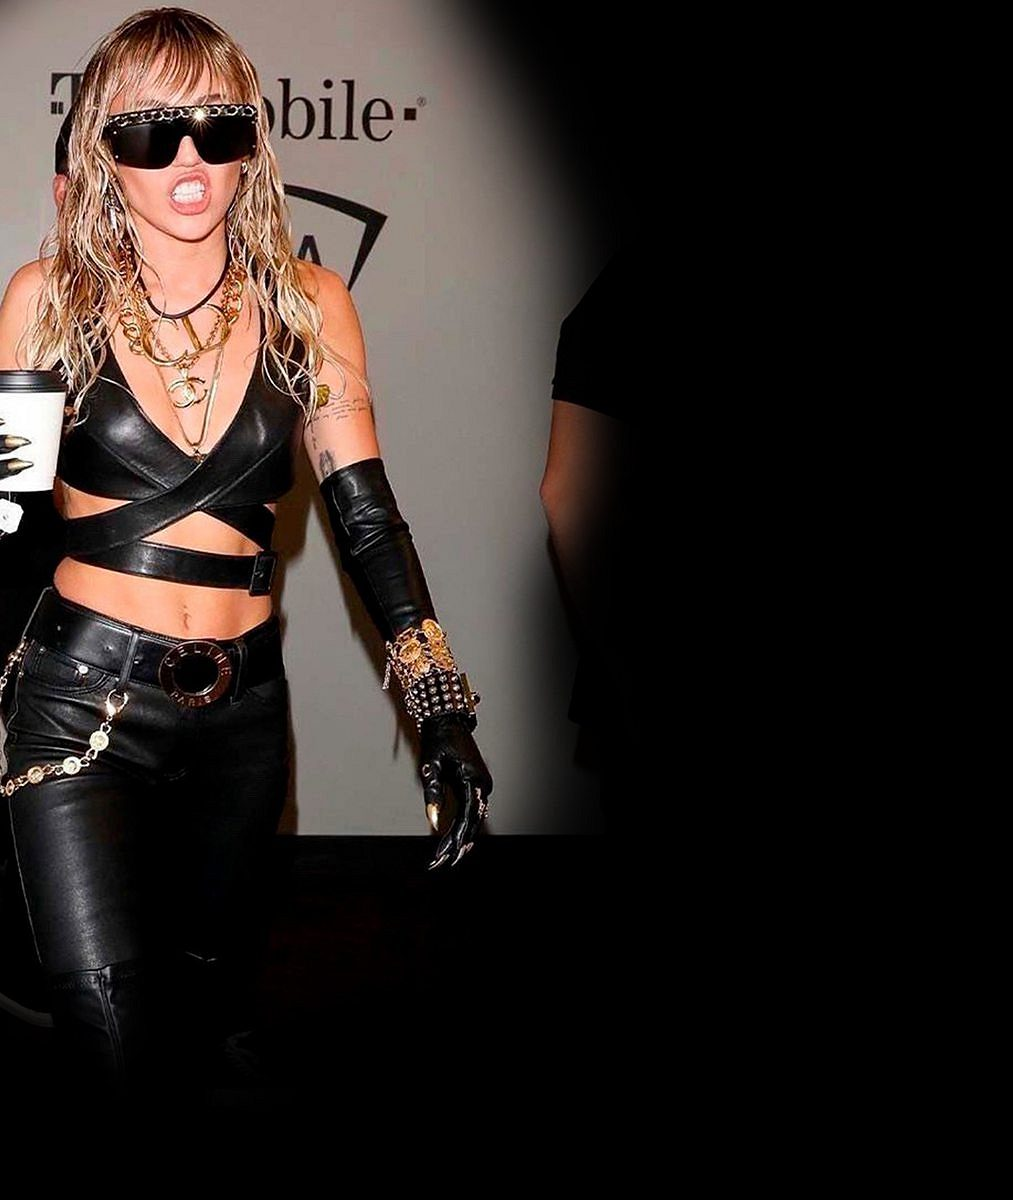 Románek holkám dlouho nevydržel: Rozvádějící se Miley Cyrus se rozešla se sexy televizní hvězdou